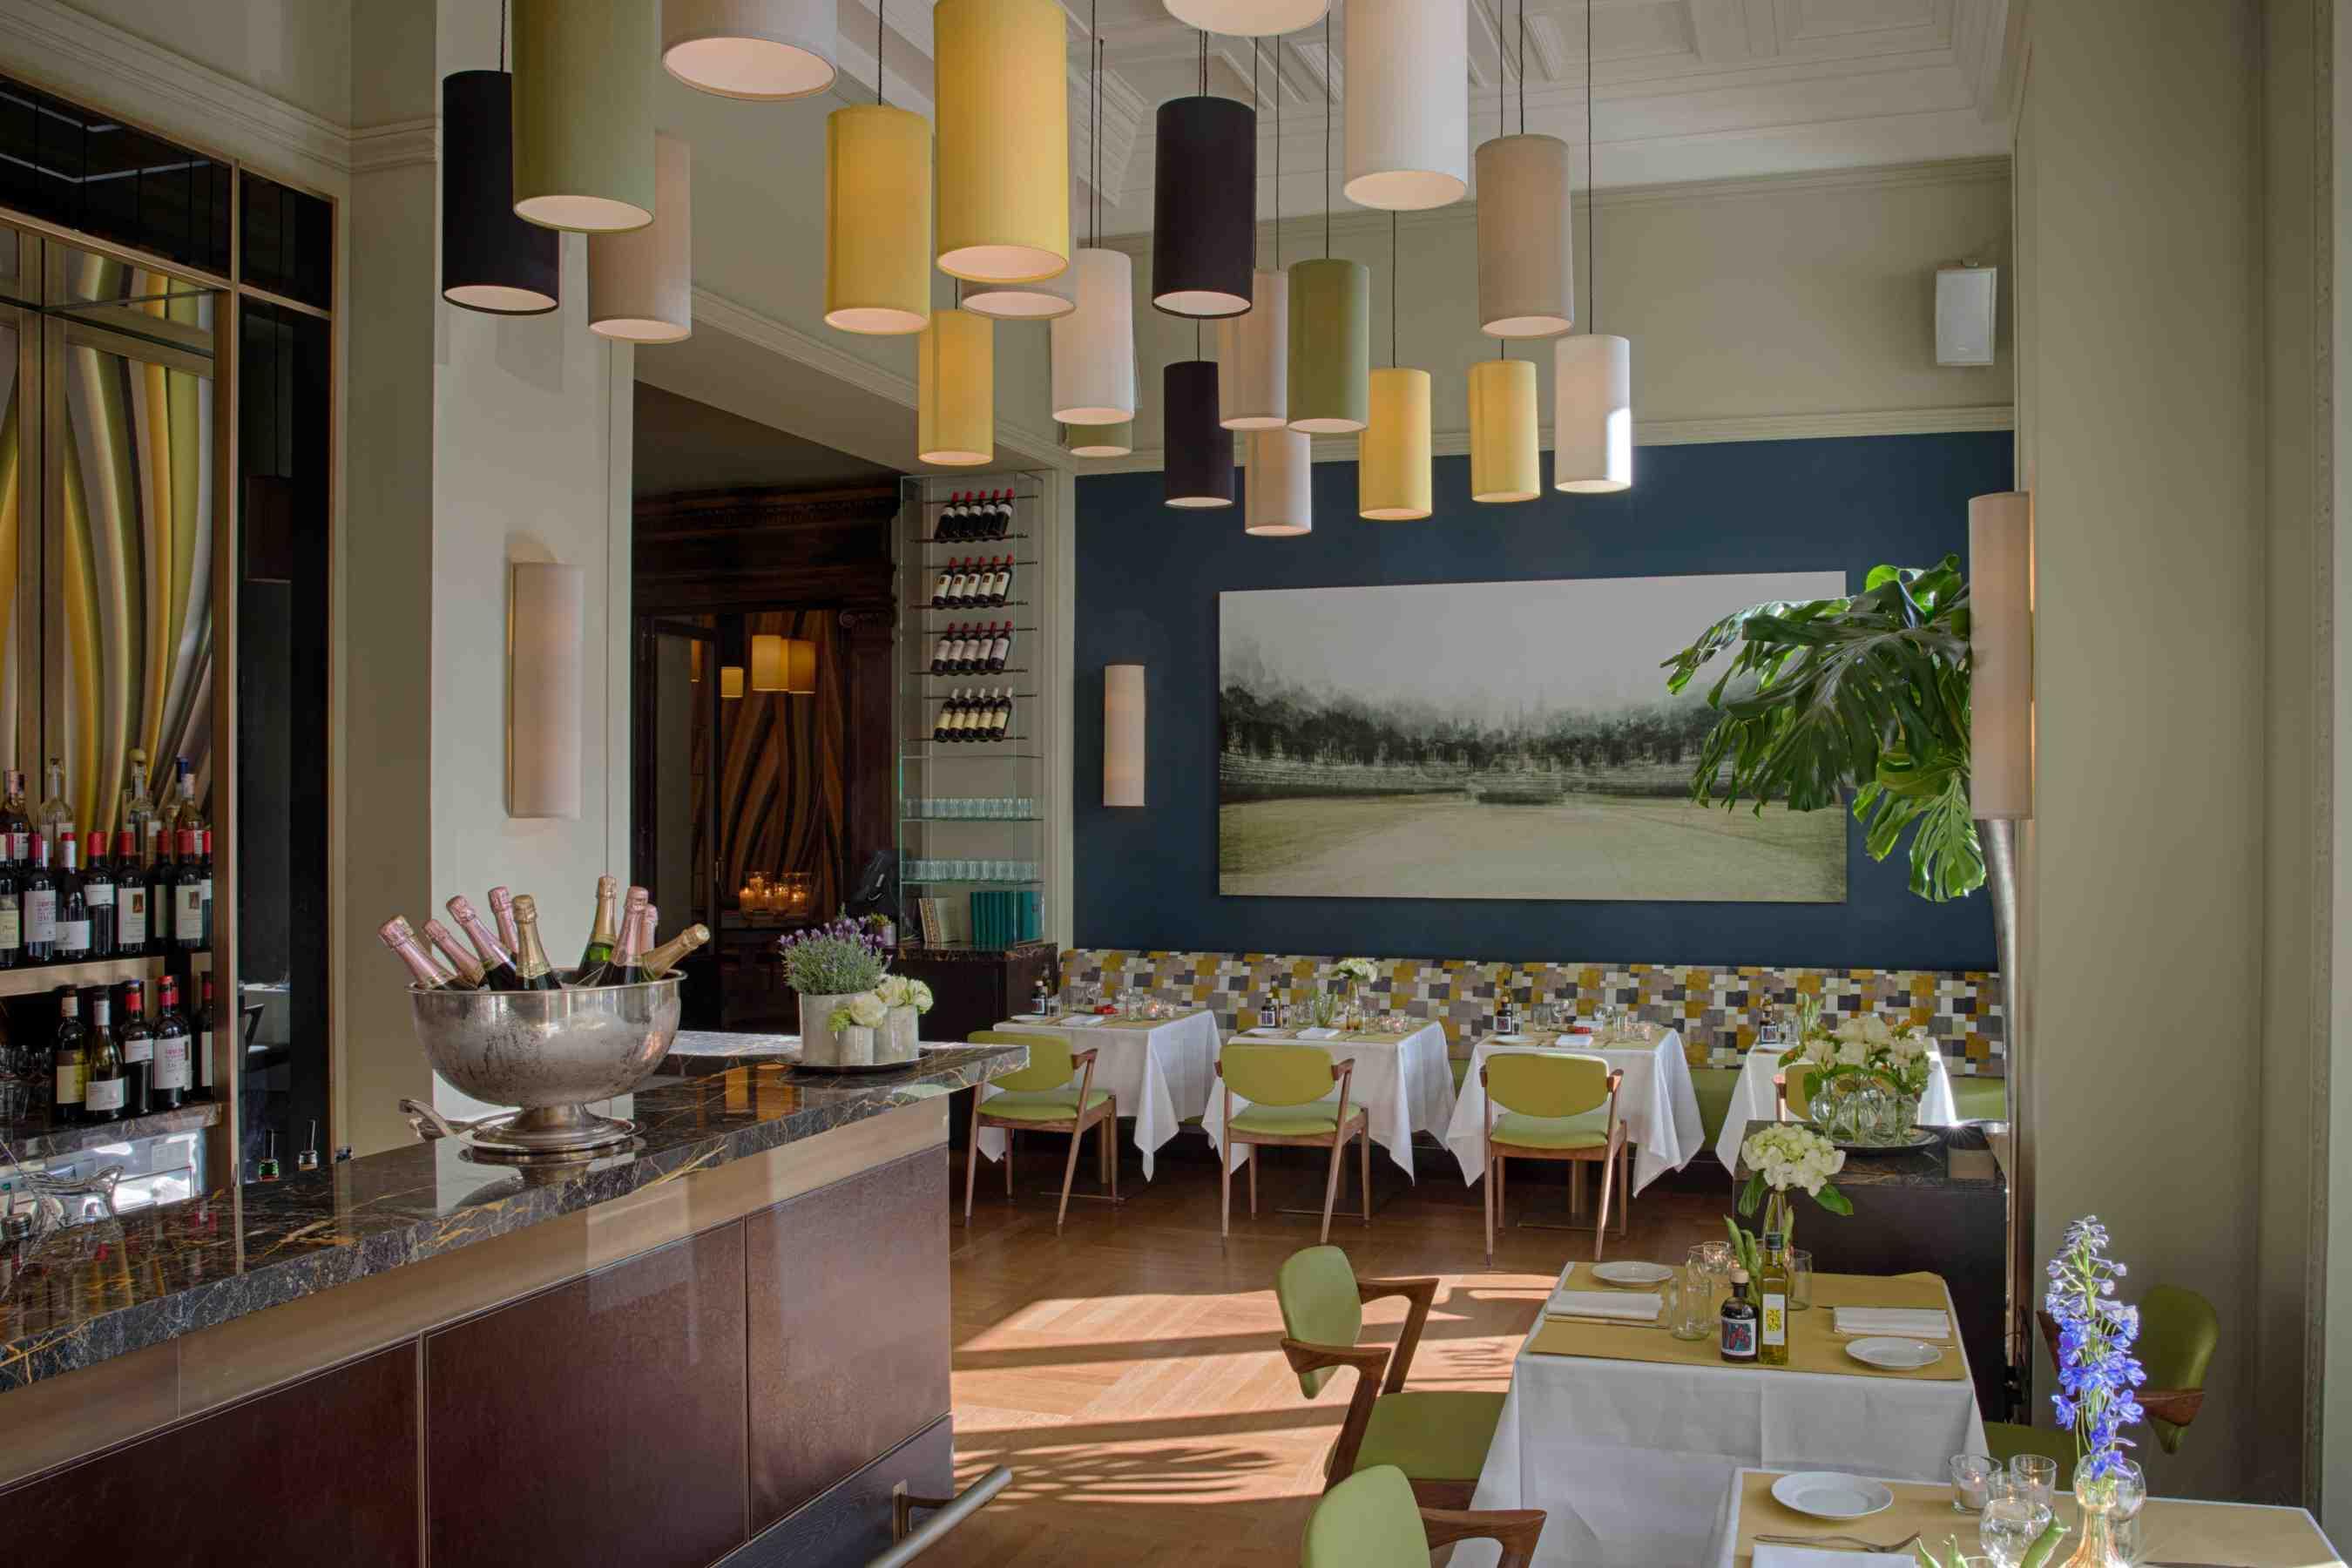 Restaurant irene firenze   ma cantine design et girly